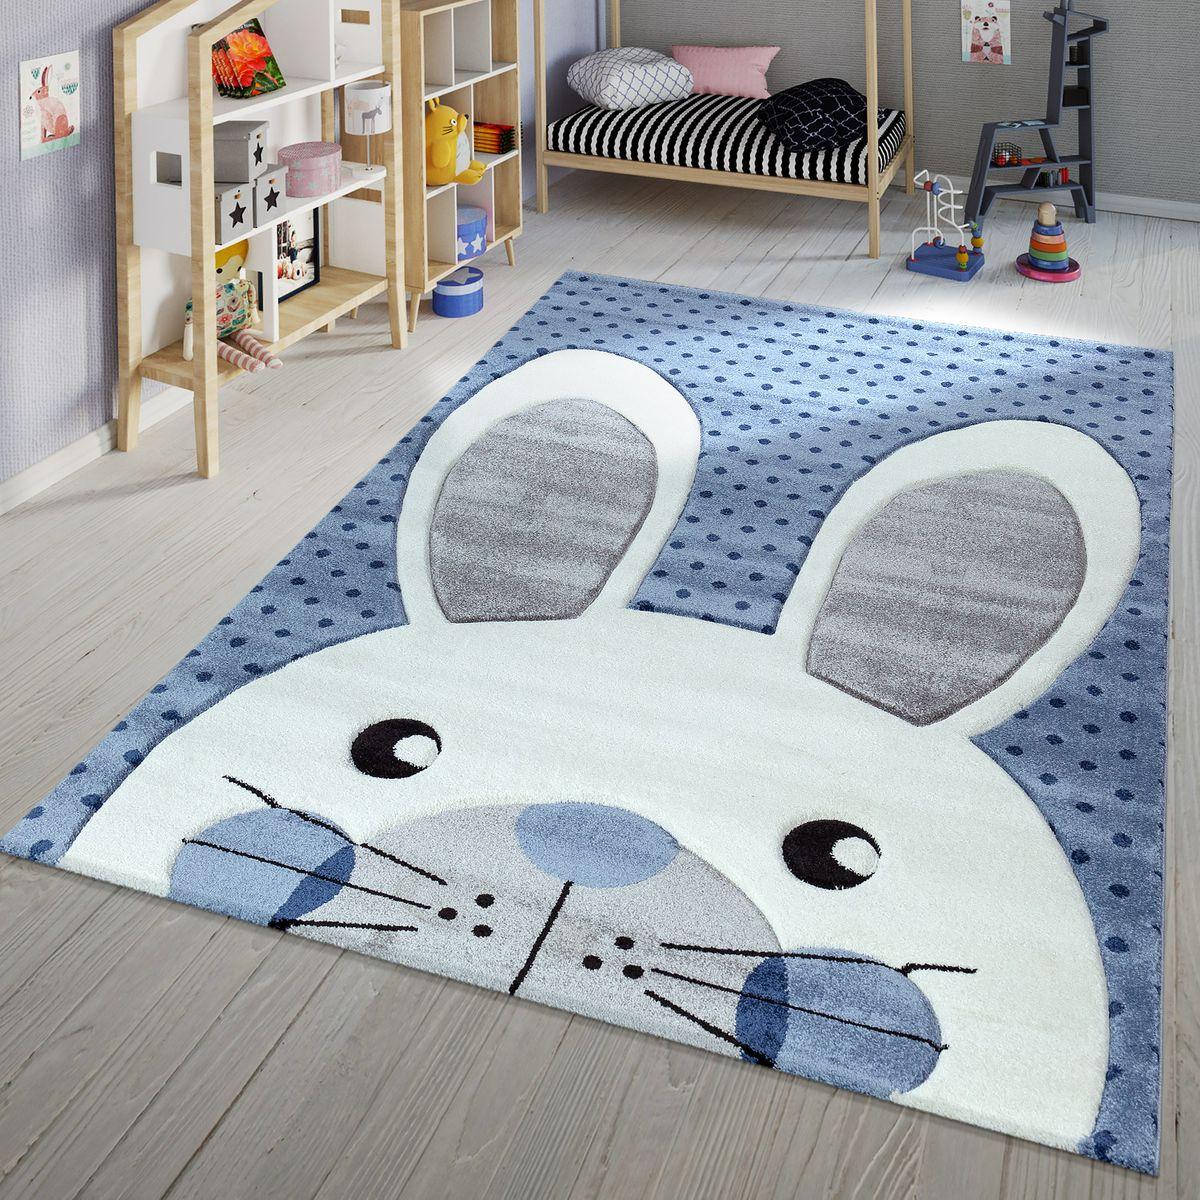 Full Size of Teppiche Kinderzimmer Teppich Modern Hase Blau Teppichmax Regal Wohnzimmer Sofa Regale Weiß Kinderzimmer Teppiche Kinderzimmer